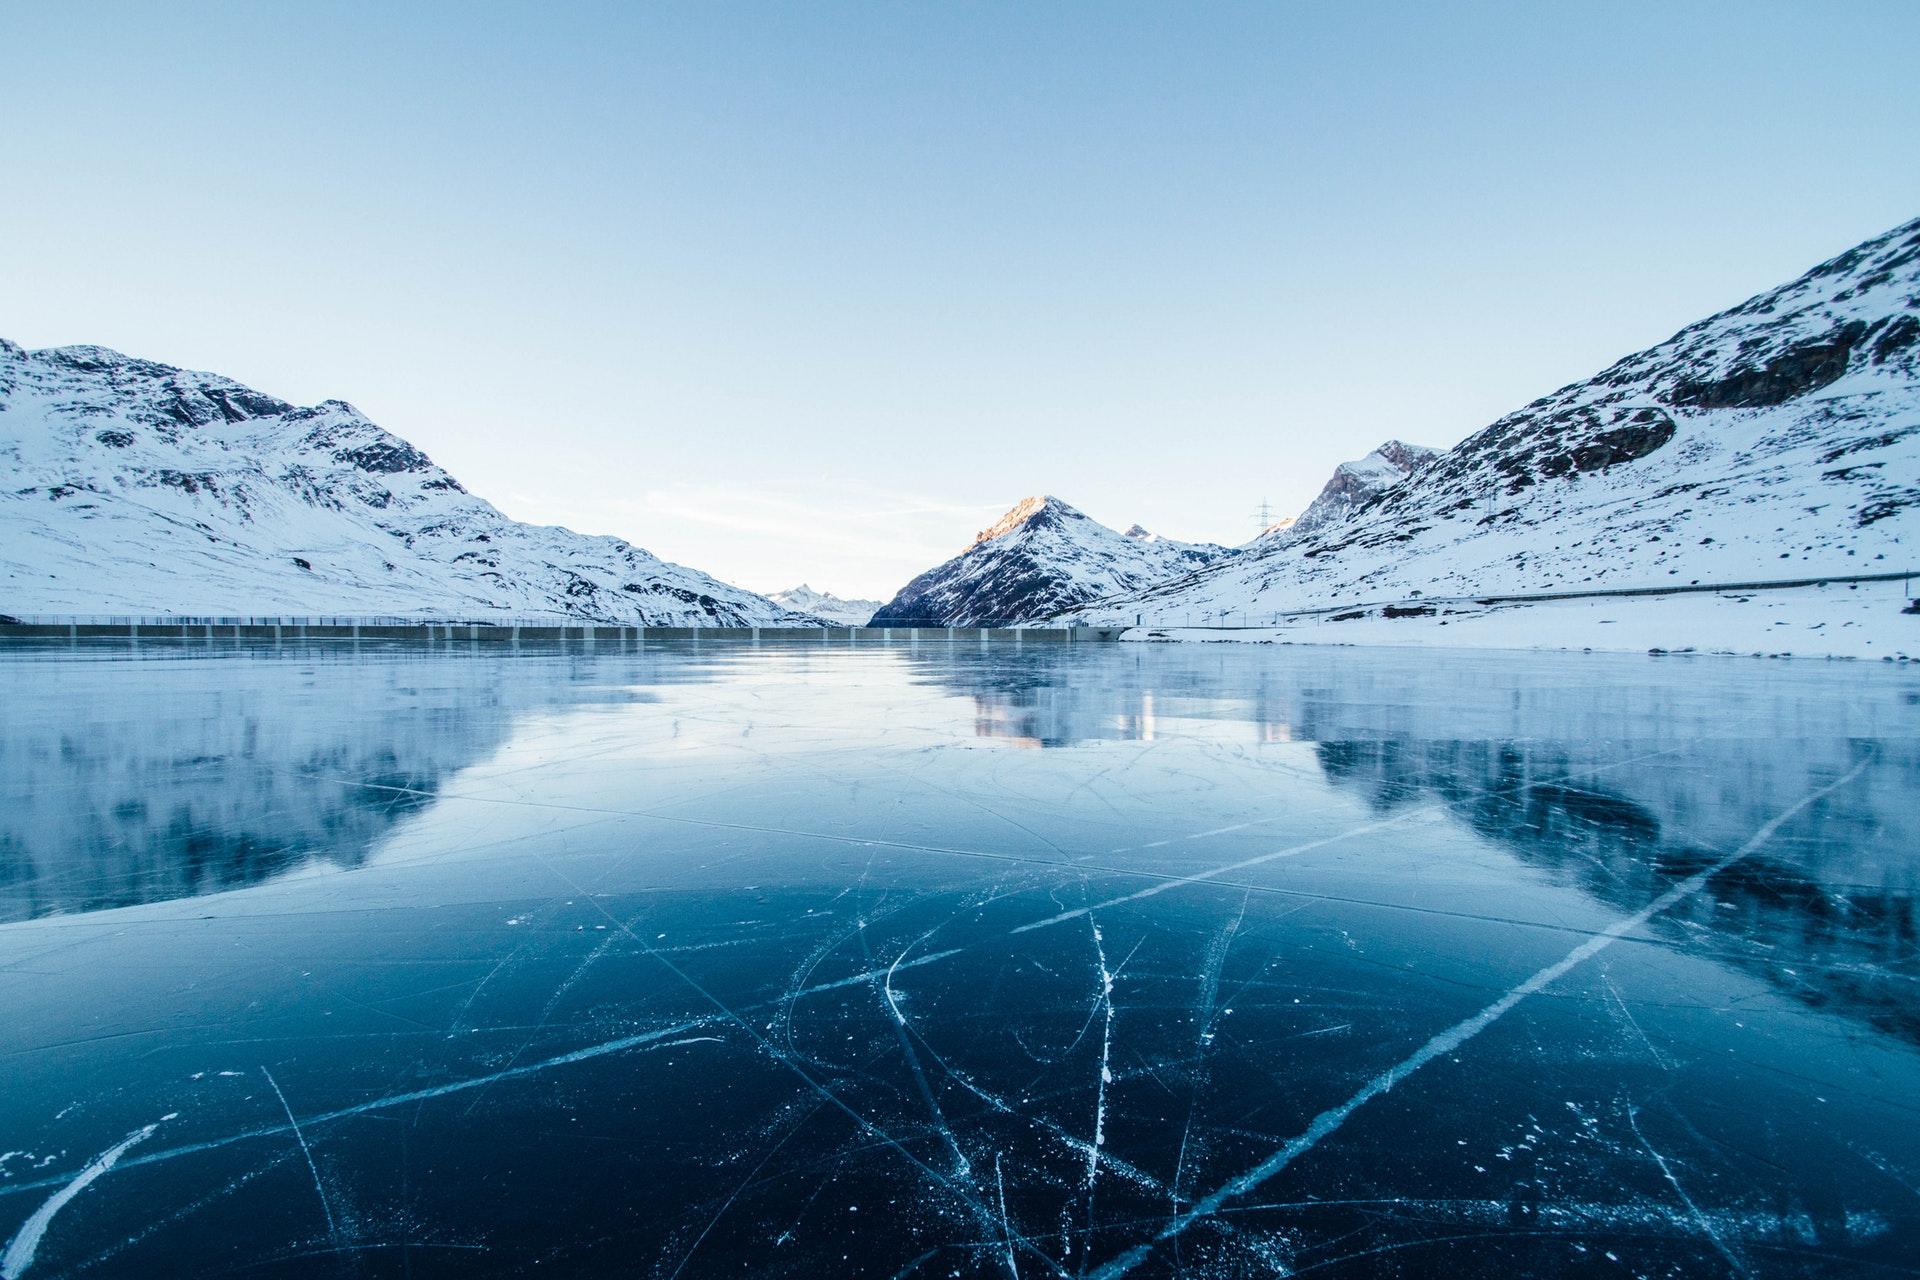 Hình nền đẹp sông băng kỳ lạ